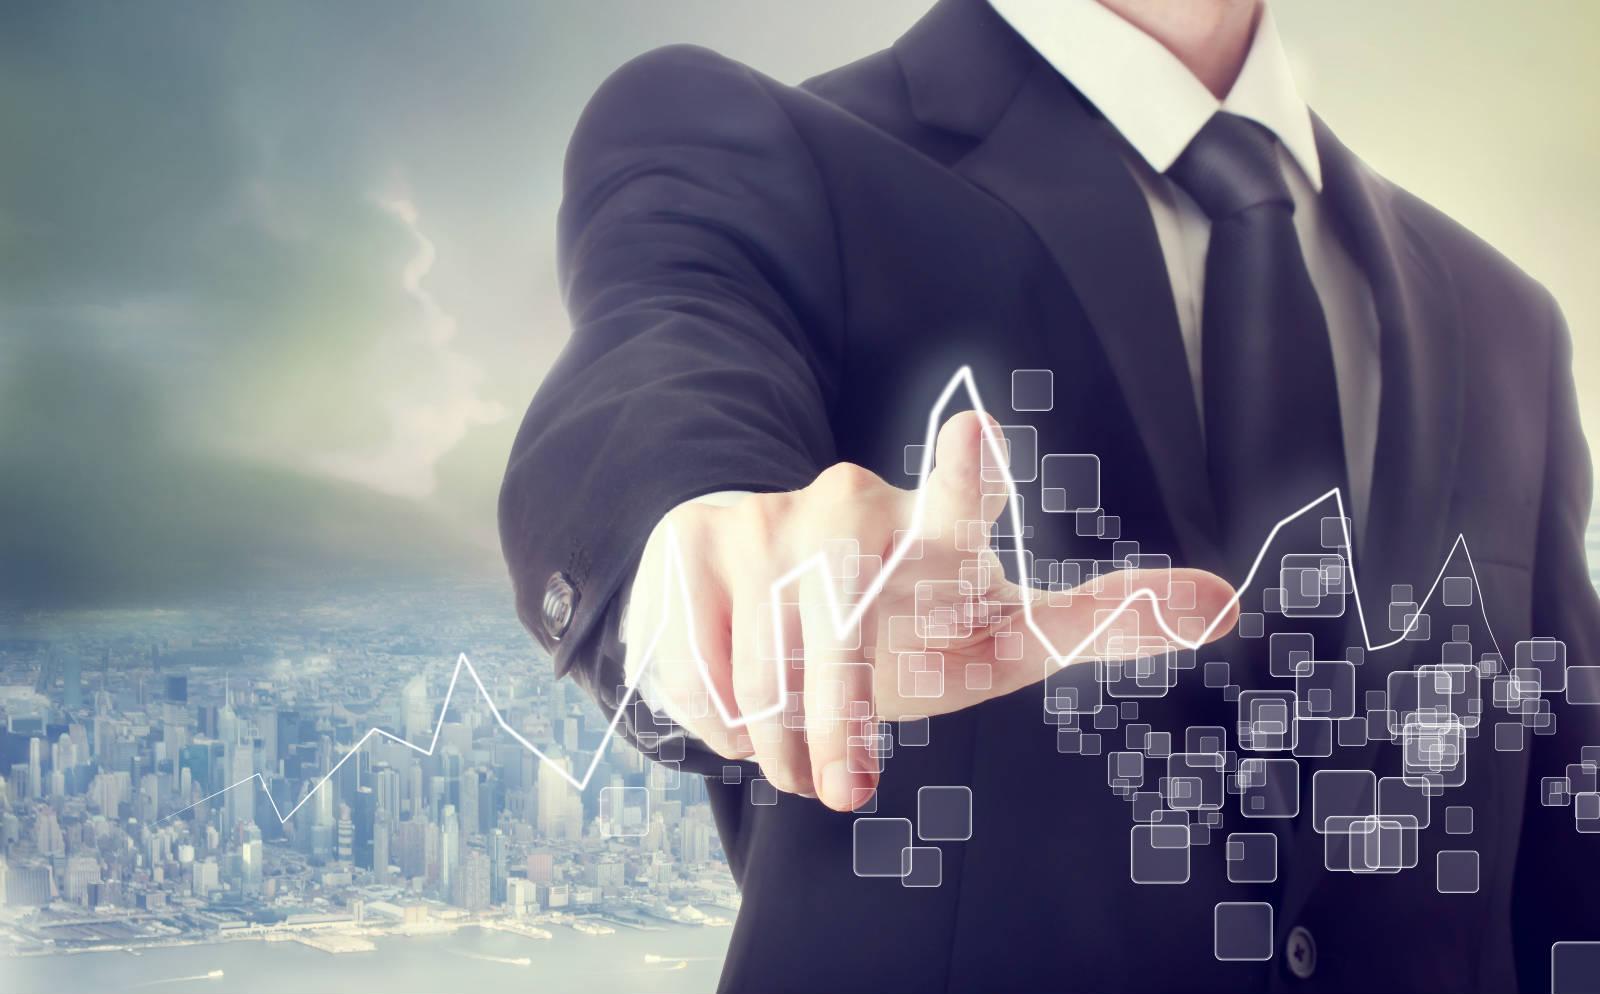 全球移民投资法律网承接法律顾问业务